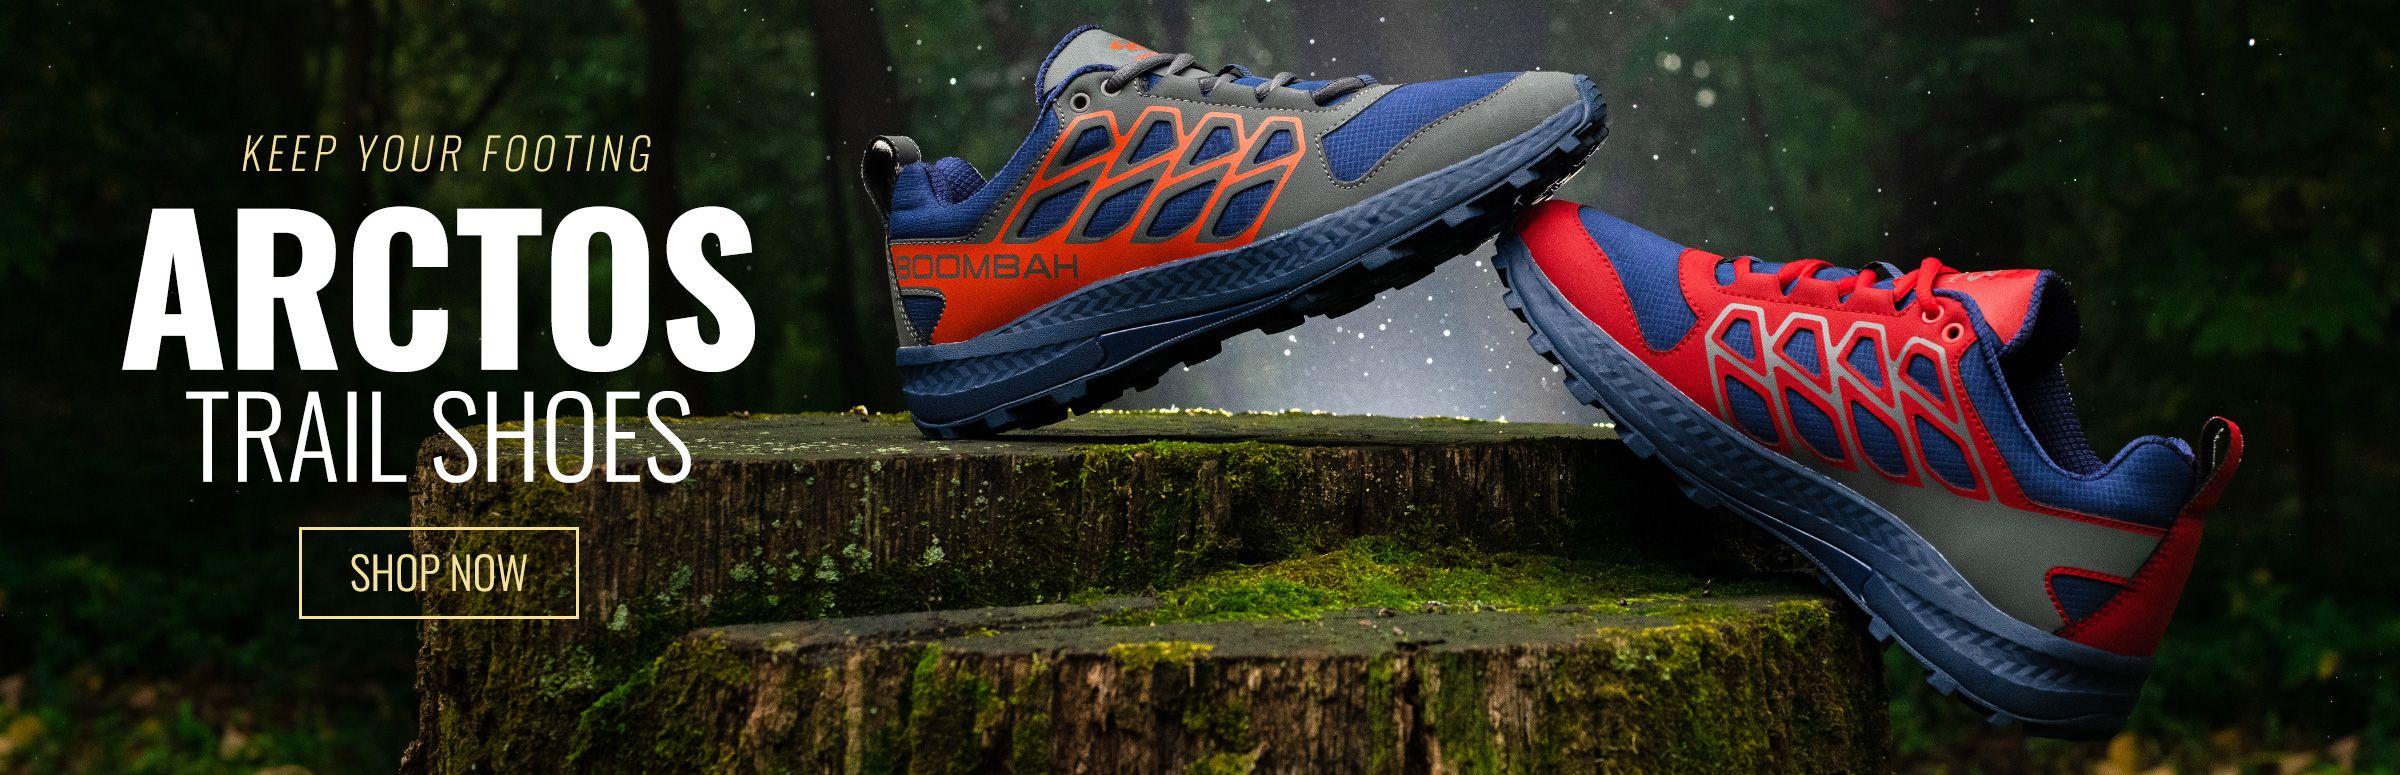 Arctos Trail Shoes - Shop Now